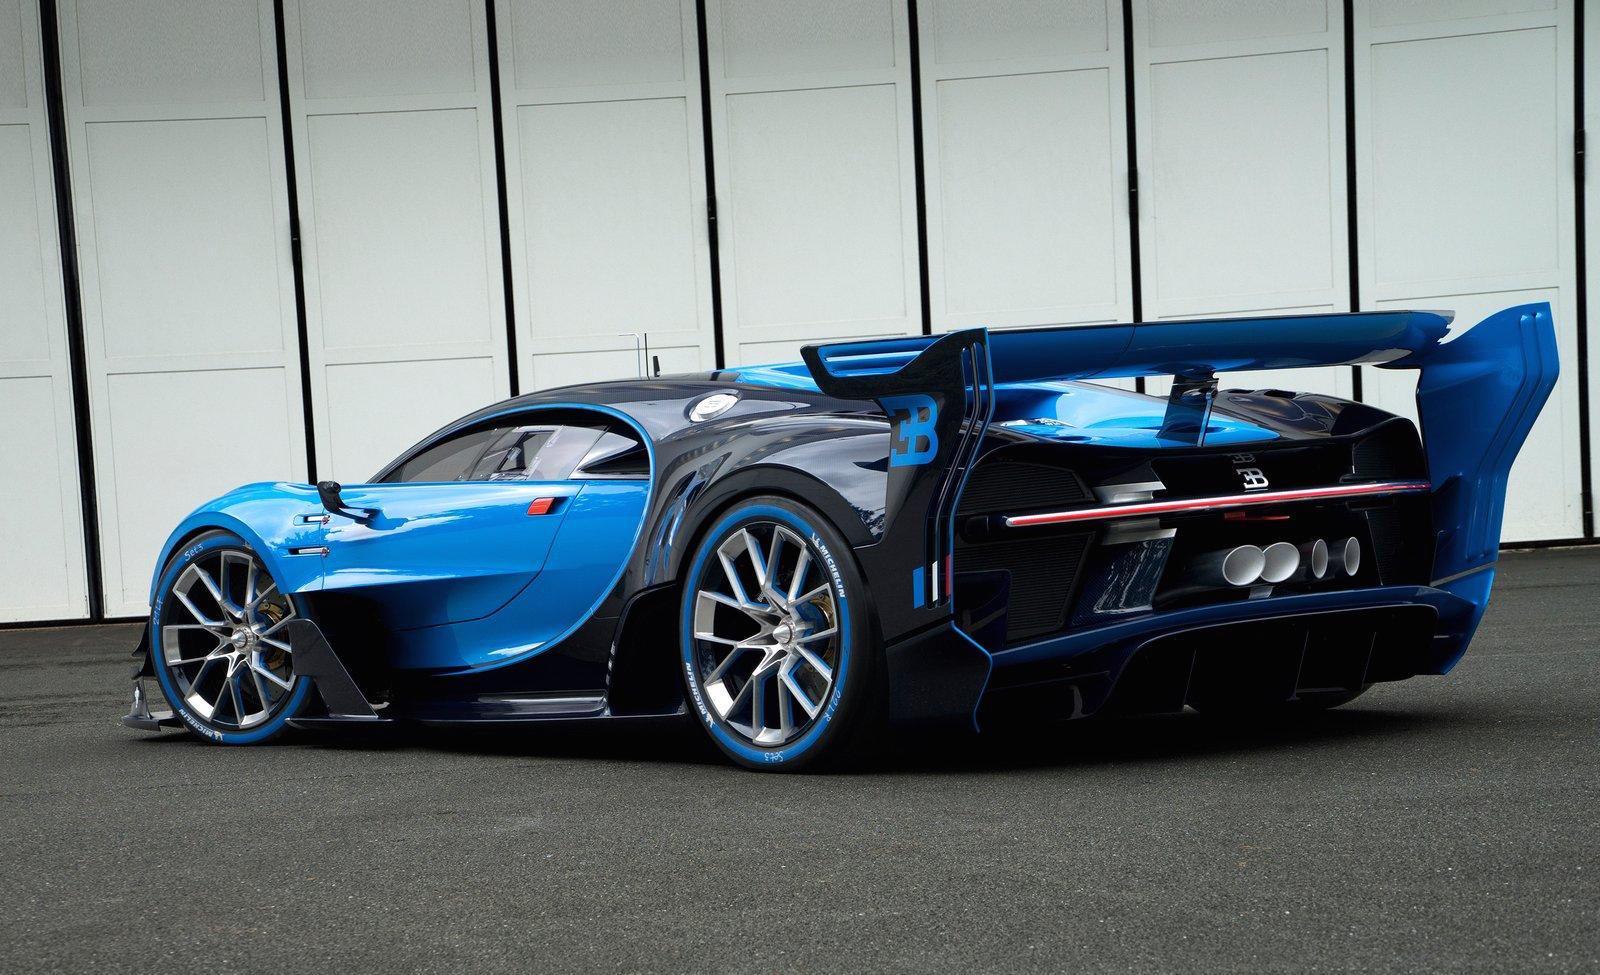 Gran Turismo Sport Update >> Real-life Bugatti Vision Gran Turismo looks insane ...